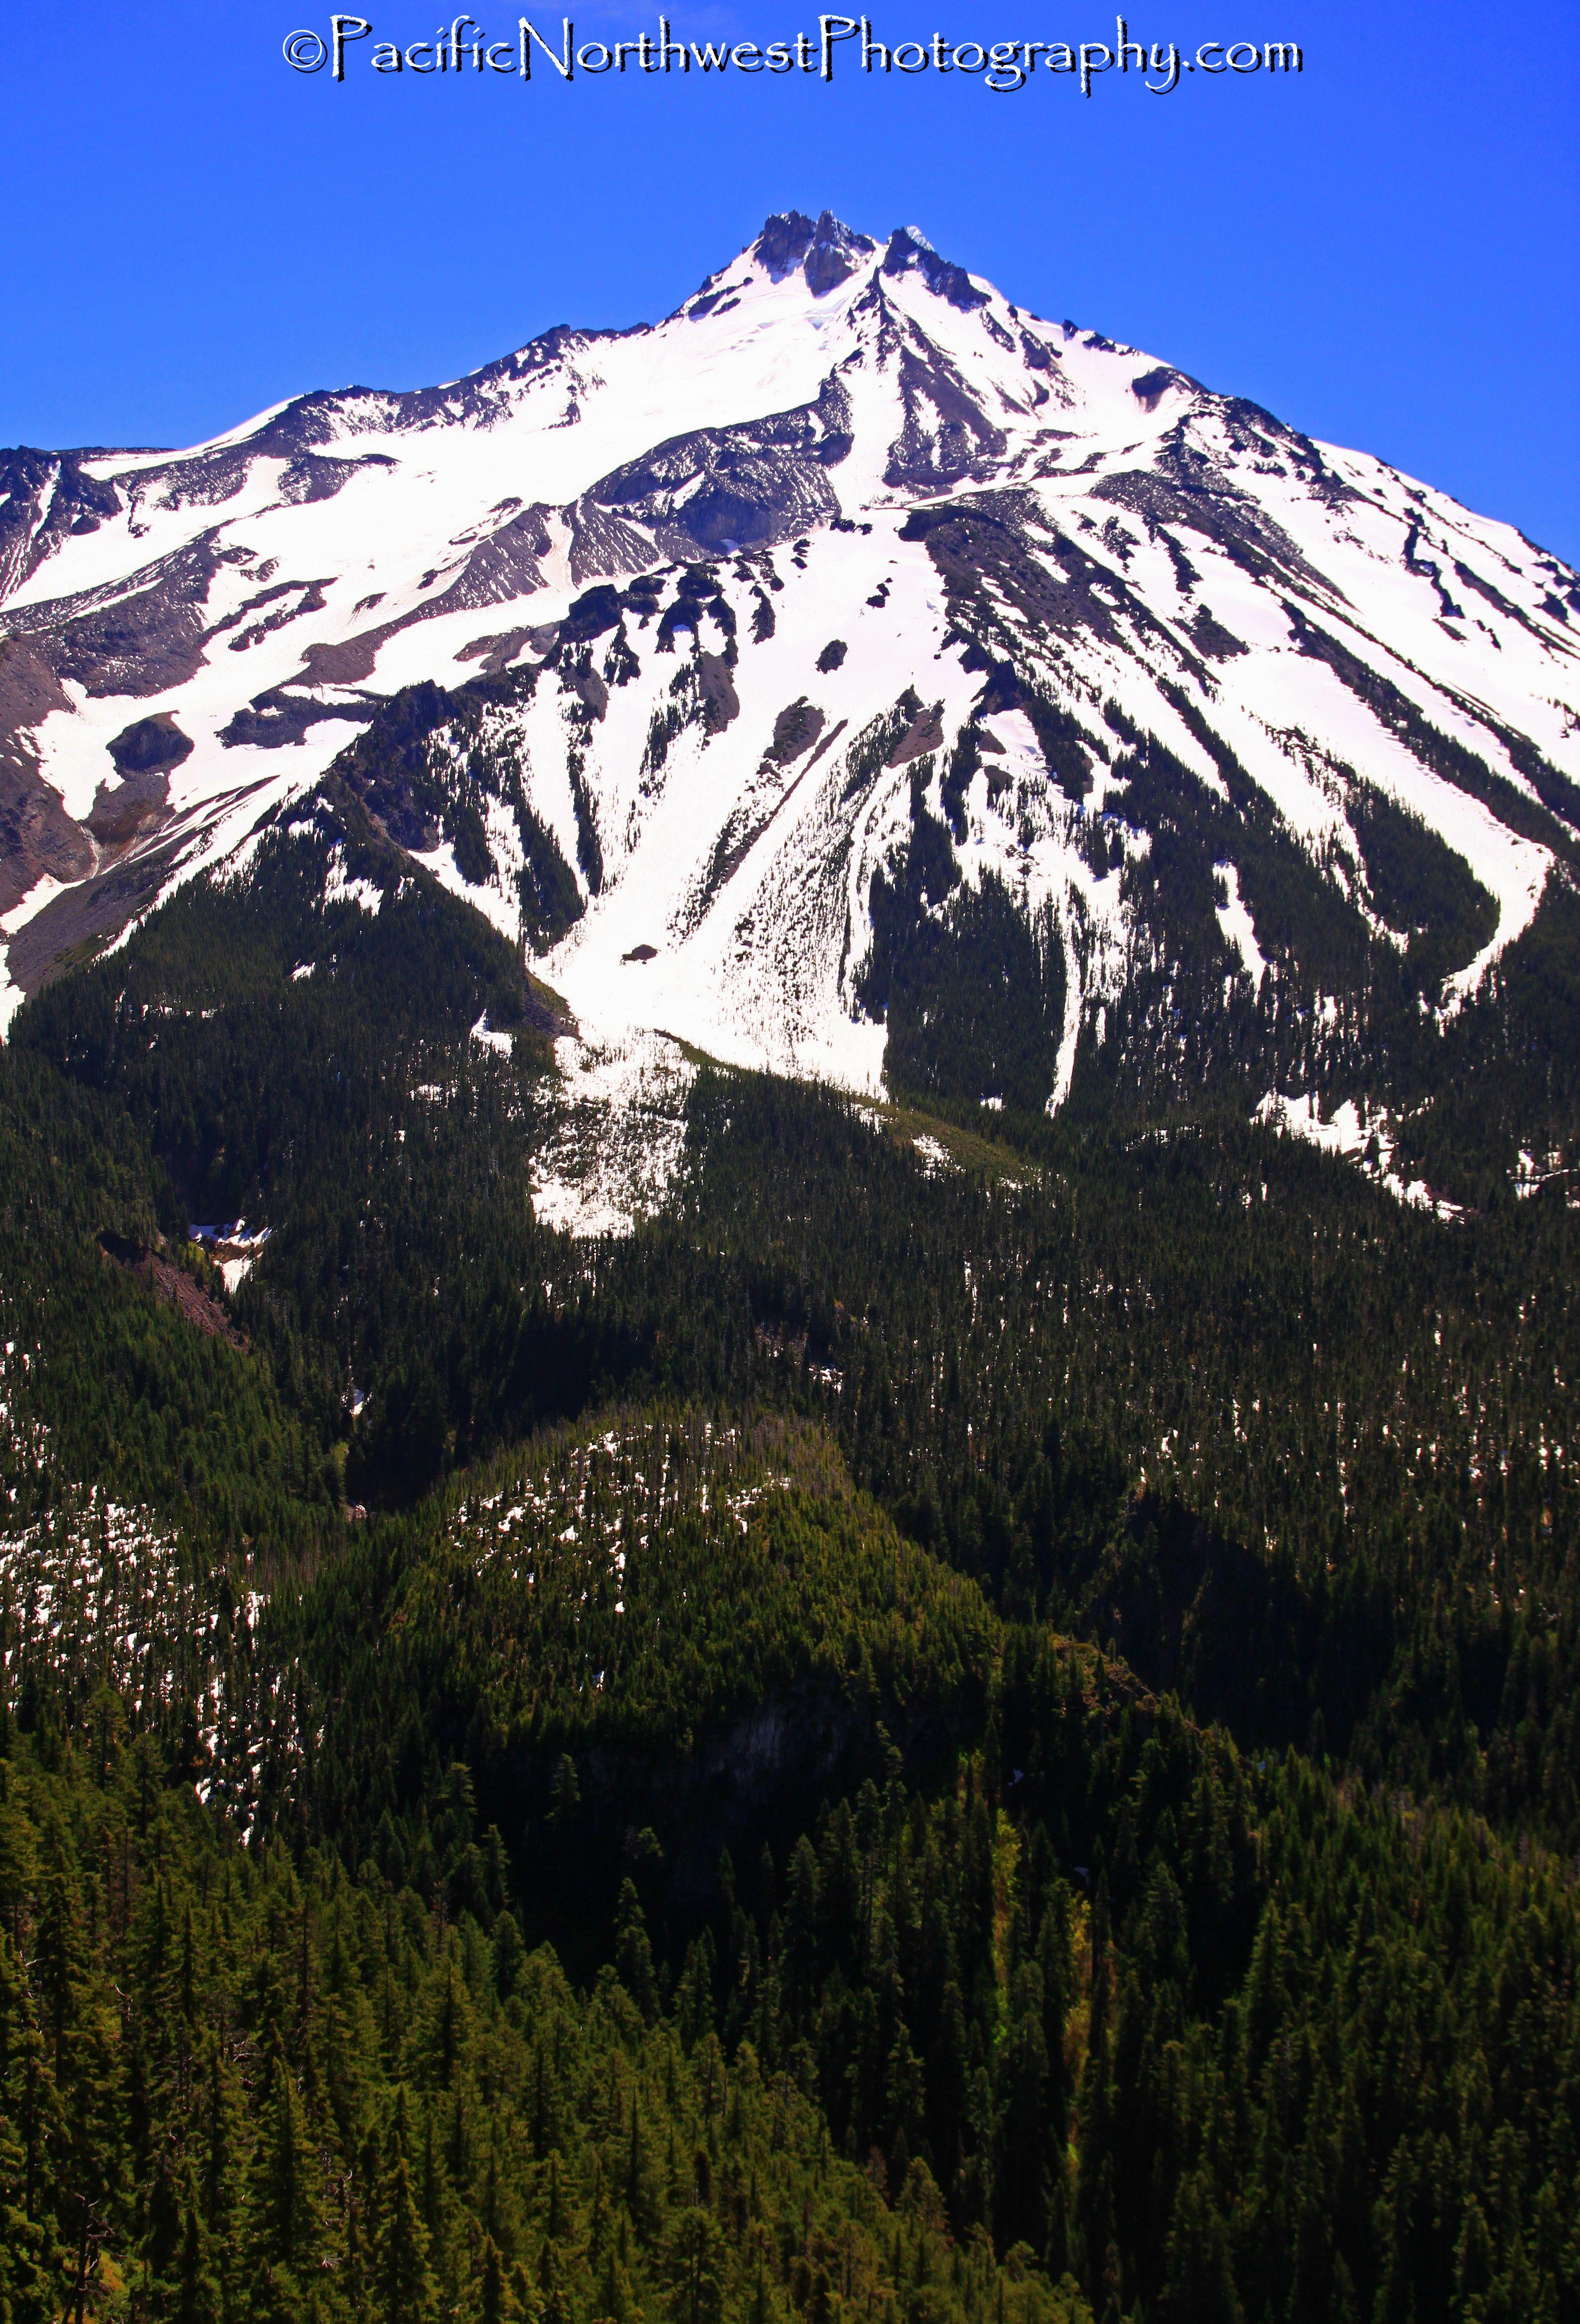 Mt. Jefferson Wilderness, OR